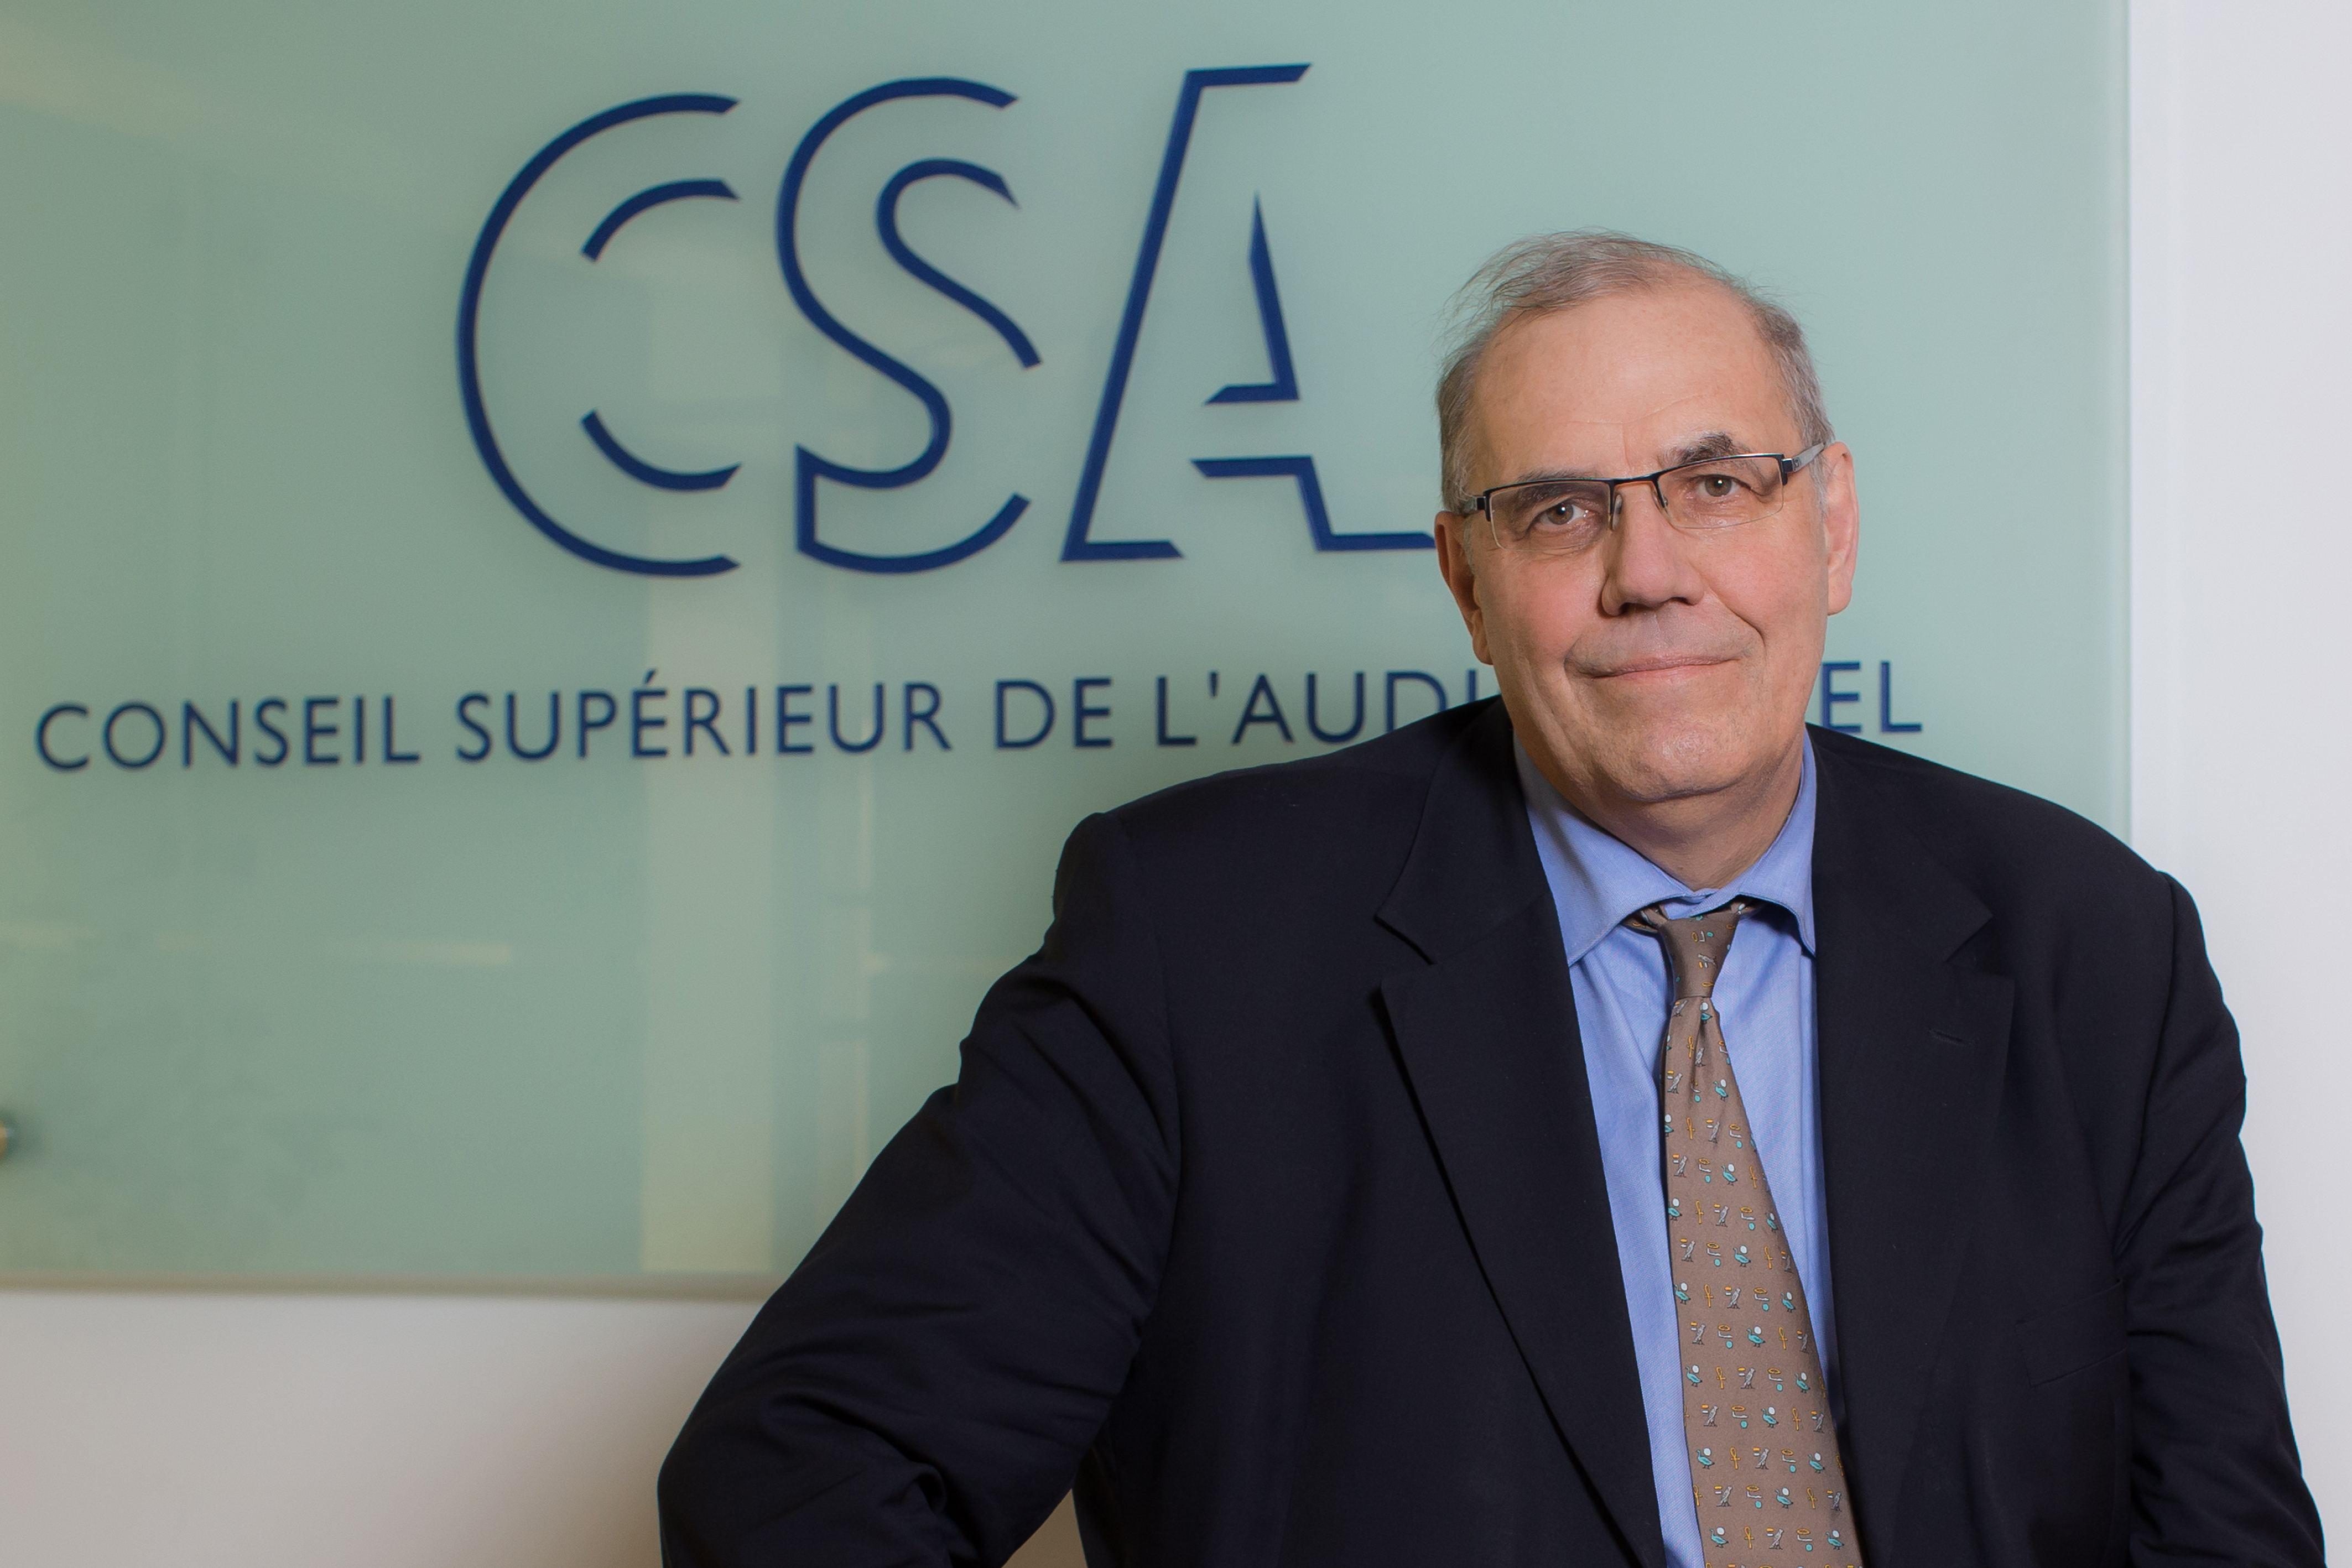 Nommé en 2015 au CSA, Nicolas Curien a siégé pendant 6 ans à l'ARCEP. / Crédit : Romuald Meigneux